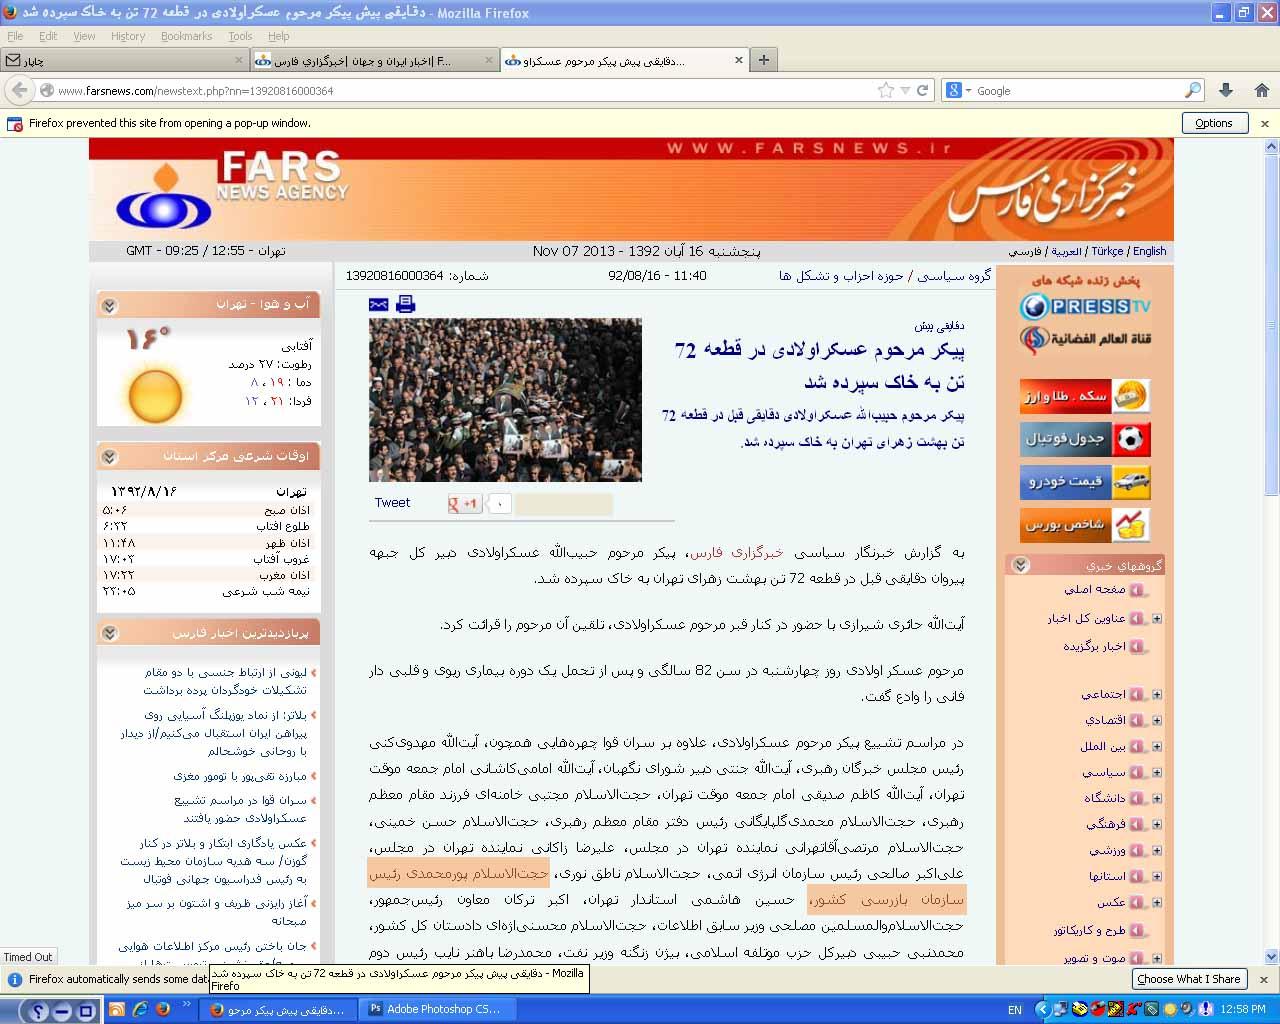 راجه به اشتباه خبرنگار فارس